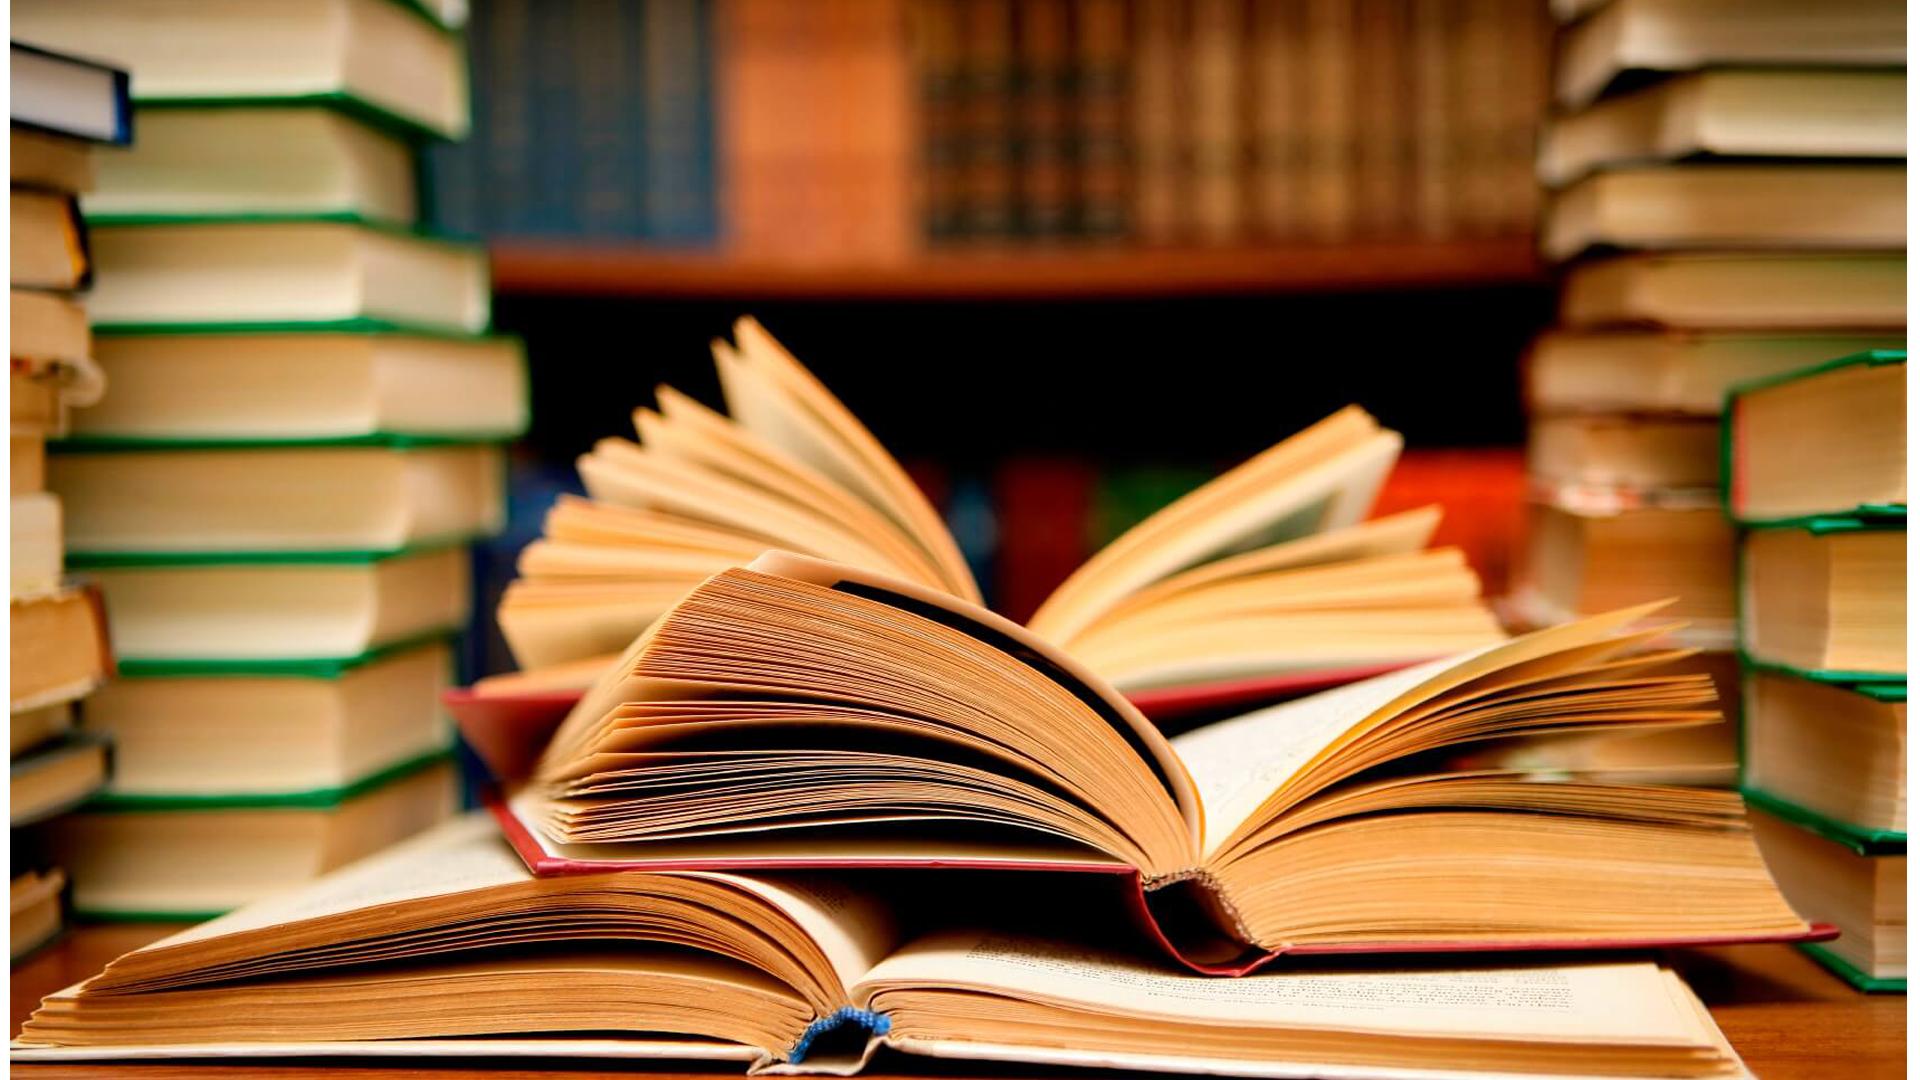 Öğrenci Kariyeri - : Okul Öncesi Öğretmenliği Okuyorsanız Bu Kitaplar Çok İşinize Yarayacak